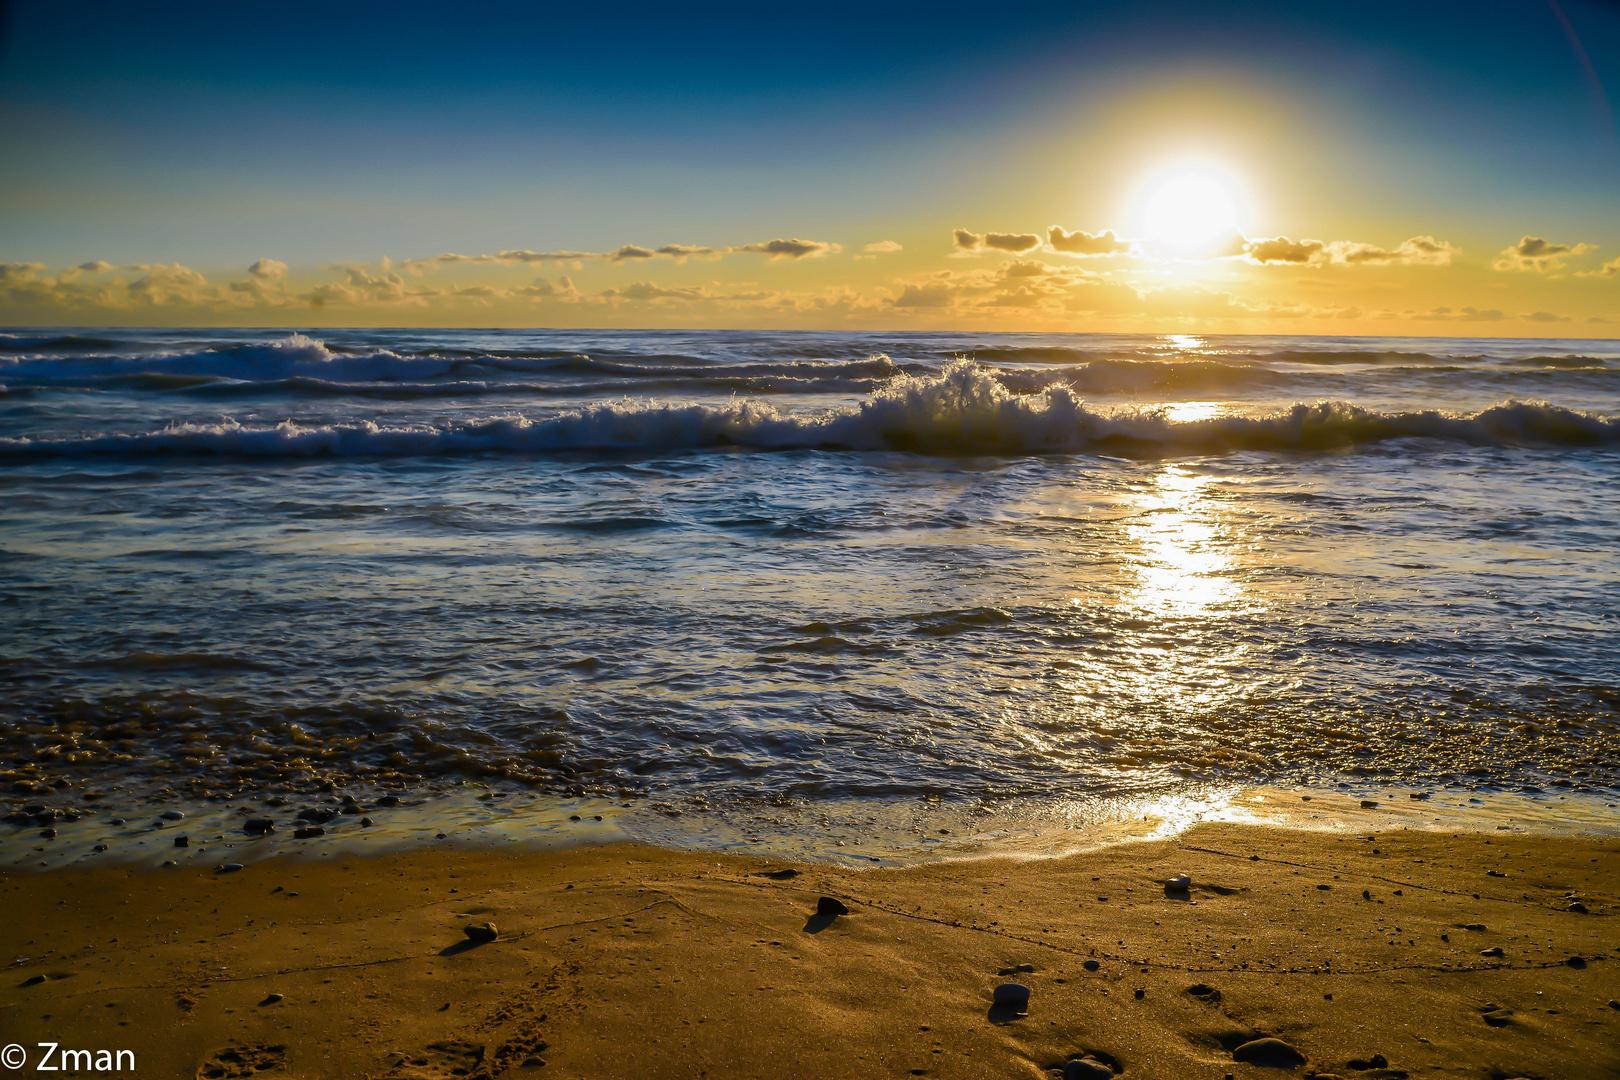 LAN_6235-49 Sunset at White Sands Beach